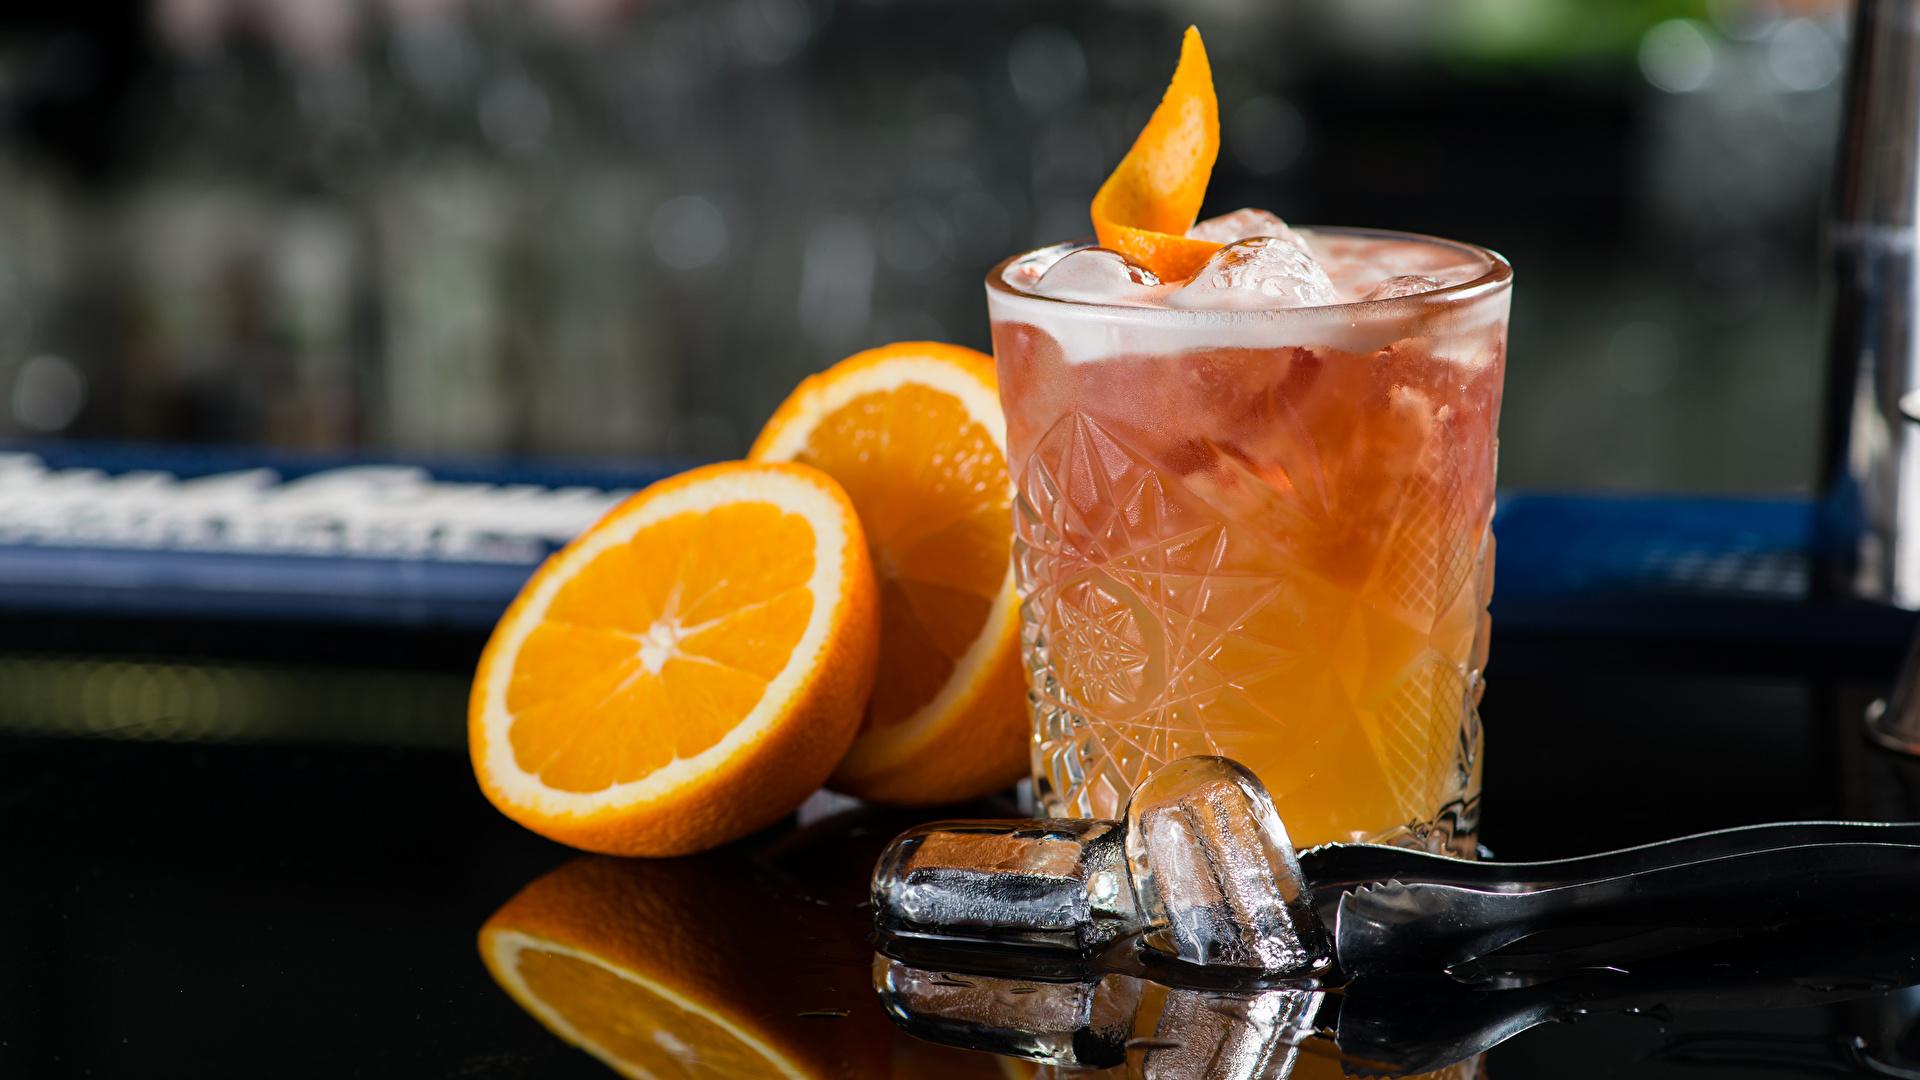 Обои Алкогольные напитки льда Апельсин стакана Еда Коктейль 1920x1080 Лед Стакан стакане Пища Продукты питания